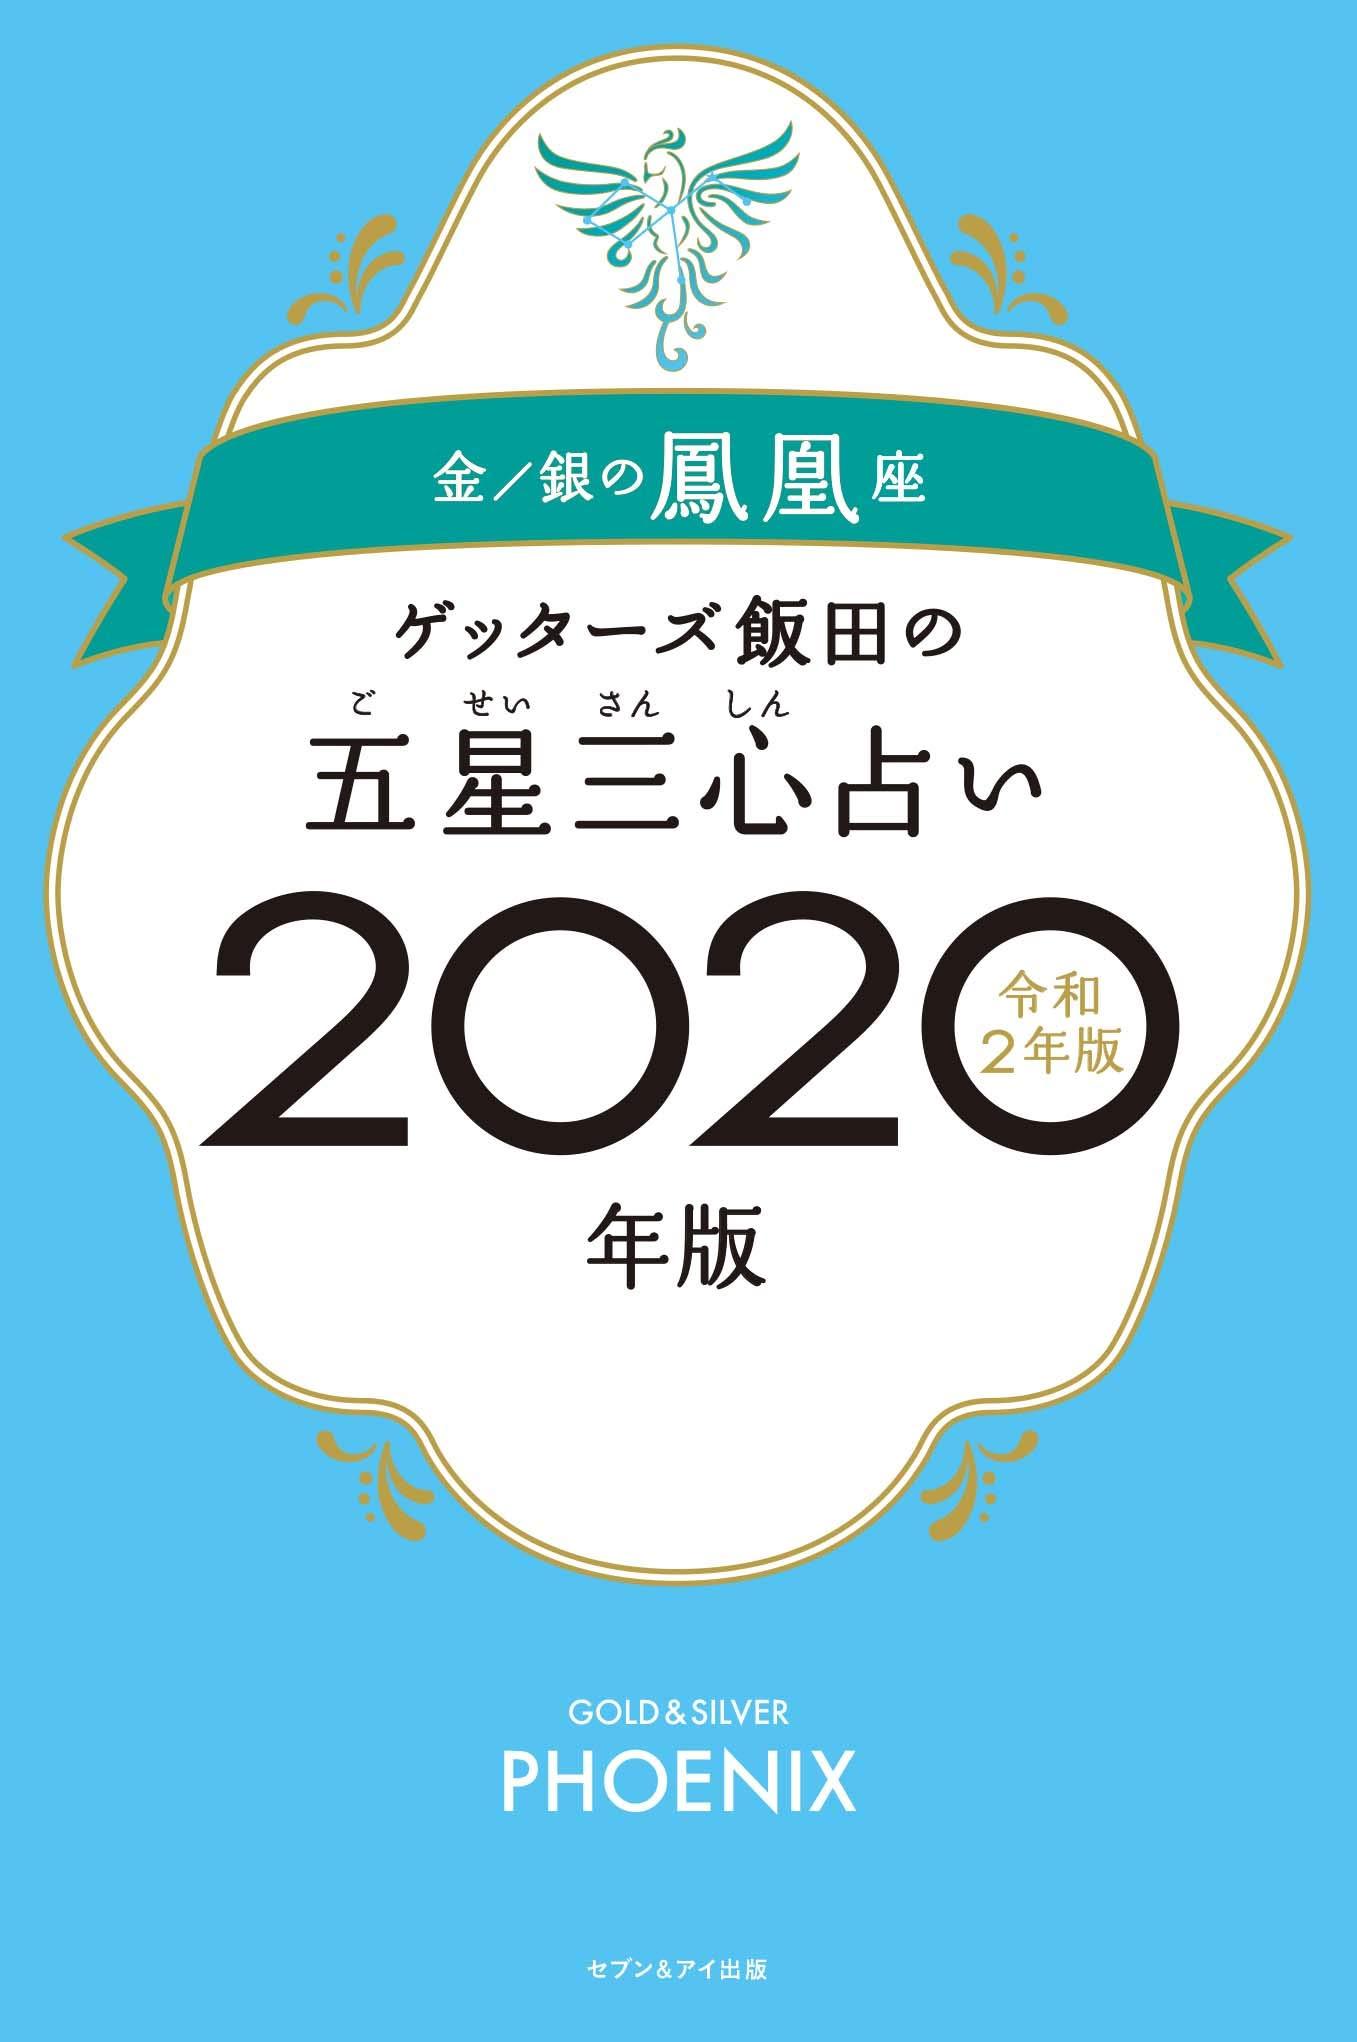 金 の 鳳凰 2020 【2020年】金の鳳凰の年運・月運を五星三心占いで徹底解説